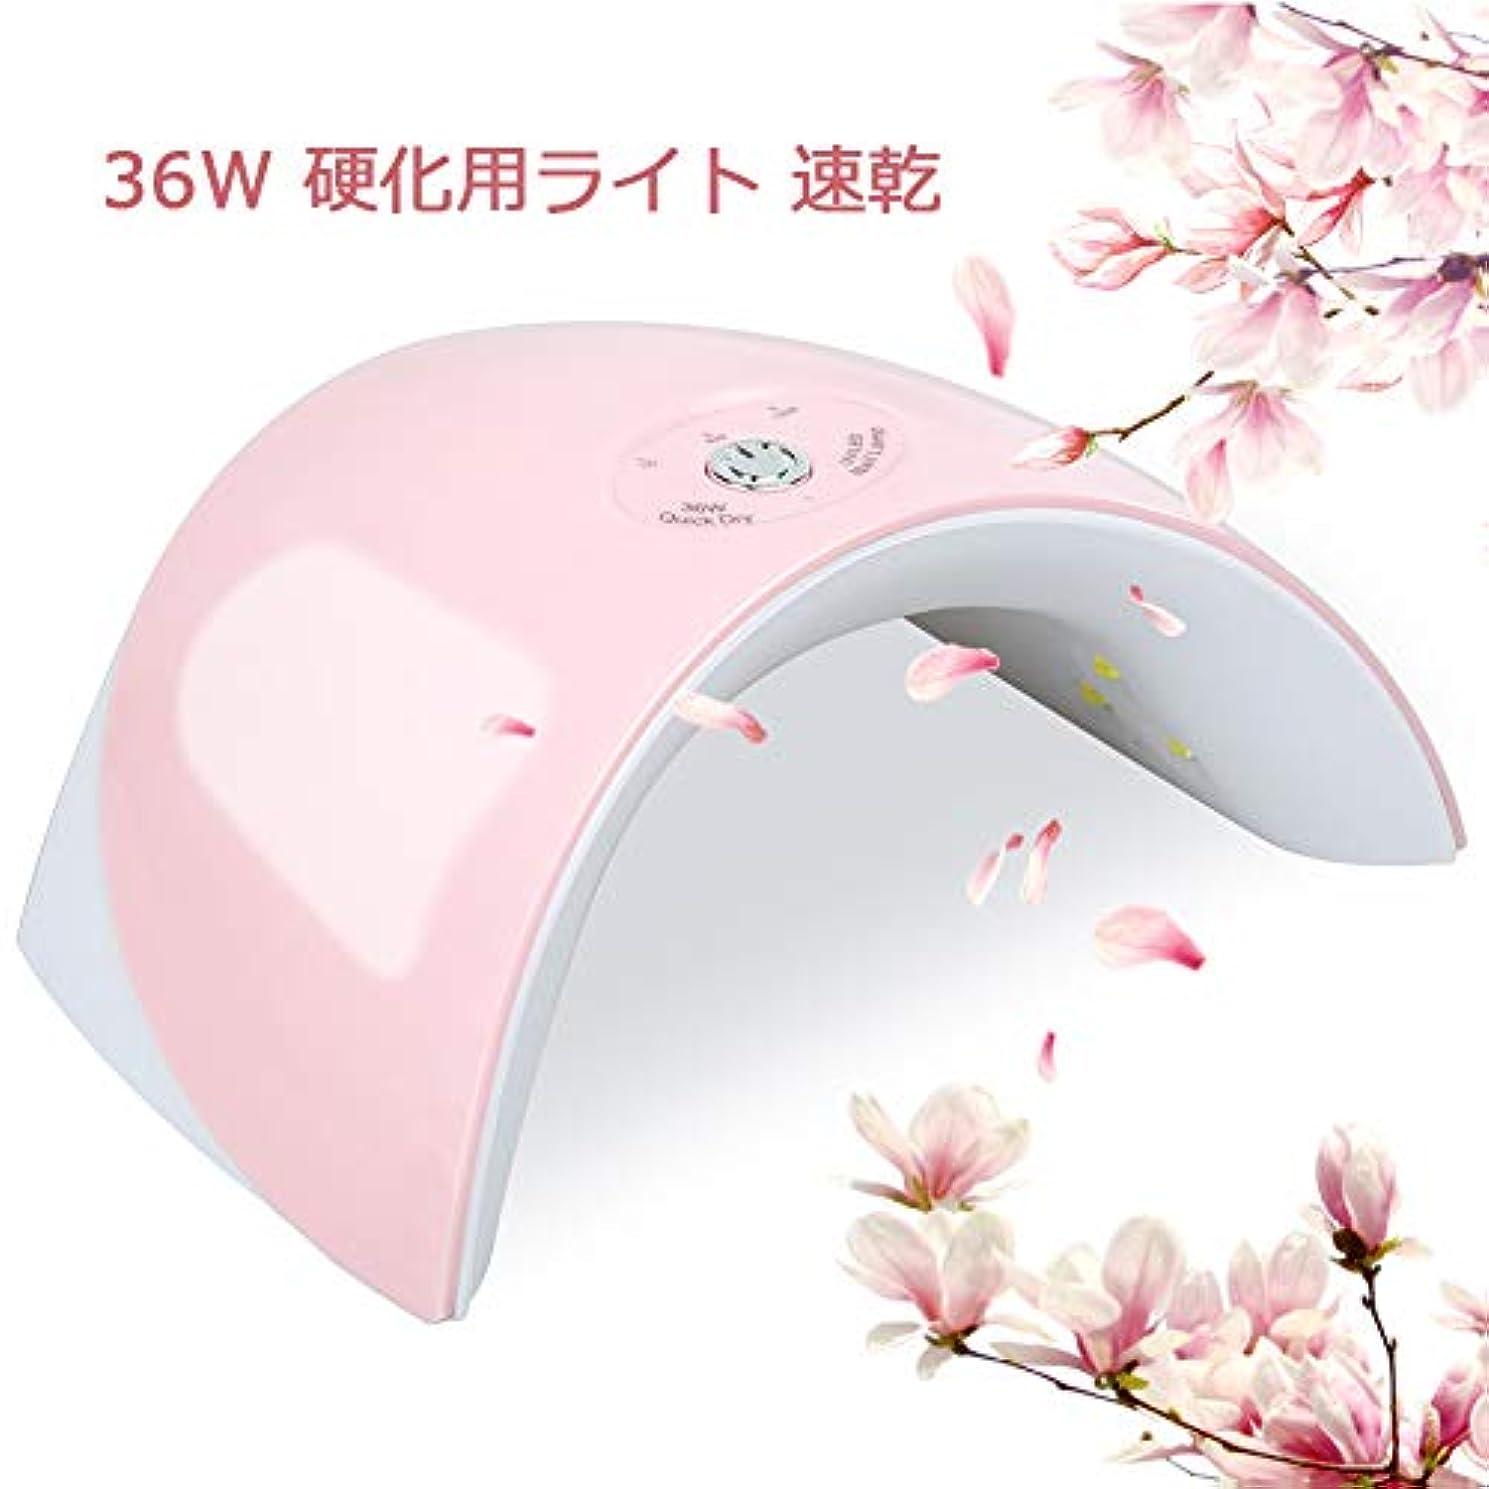 野球追加するピンクTwinkle Store ネイルUV/LEDライト uvライトレジン用 ネイル パーツ ネイルledドライヤー 36W ピンク 硬化用ライト 分かりやすい説明書付き